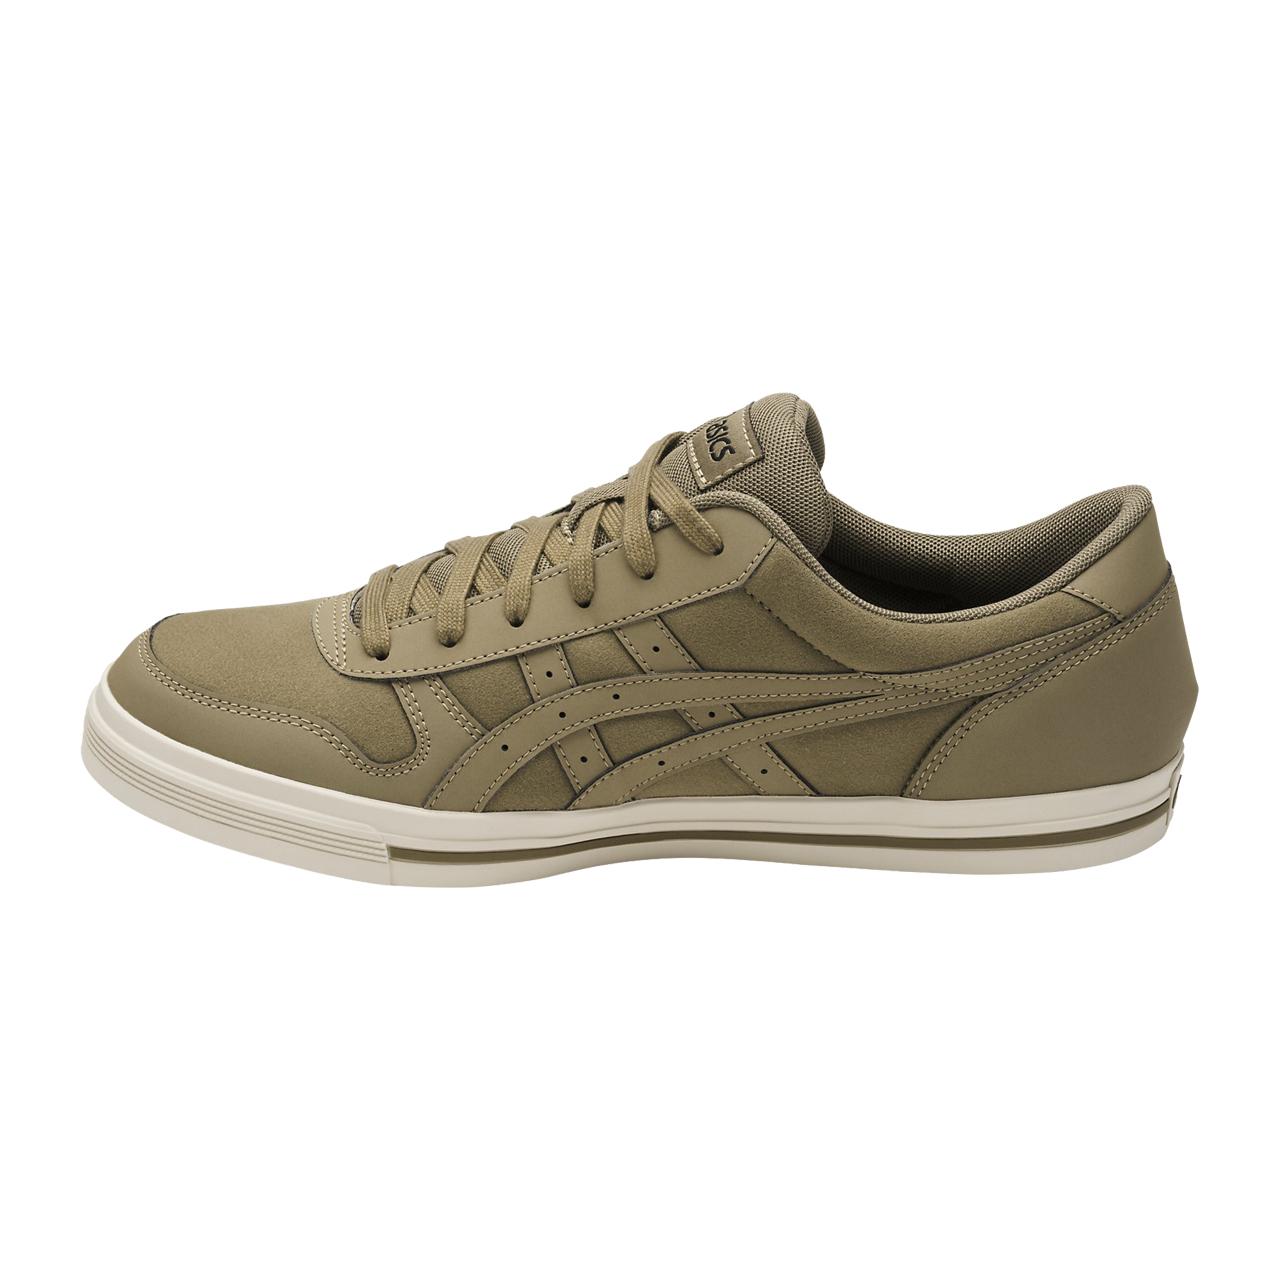 قیمت کفش مخصوص پیاده روی مردانه اسیکس مدل Aaron